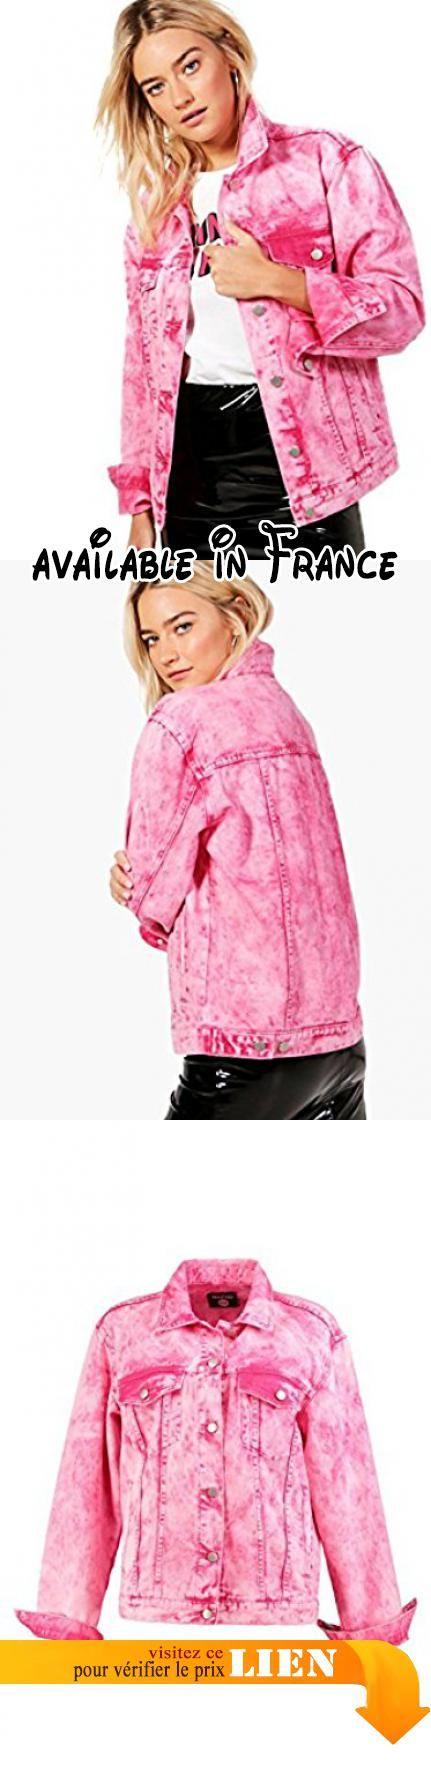 B076DMVX9B : Framboise Femmes Paige Veste En Jean Surdimensionnée Délavée À Lacide Fuchsia - 12. tissu:100% polyester. mesures à plat:non porté:longueur totale 45cm/18. (mesuré à partir d'une taille britannique 10). nettoyer uniquement à l'aide d'un chiffon humide. le modèle porte une taille anglaise 10